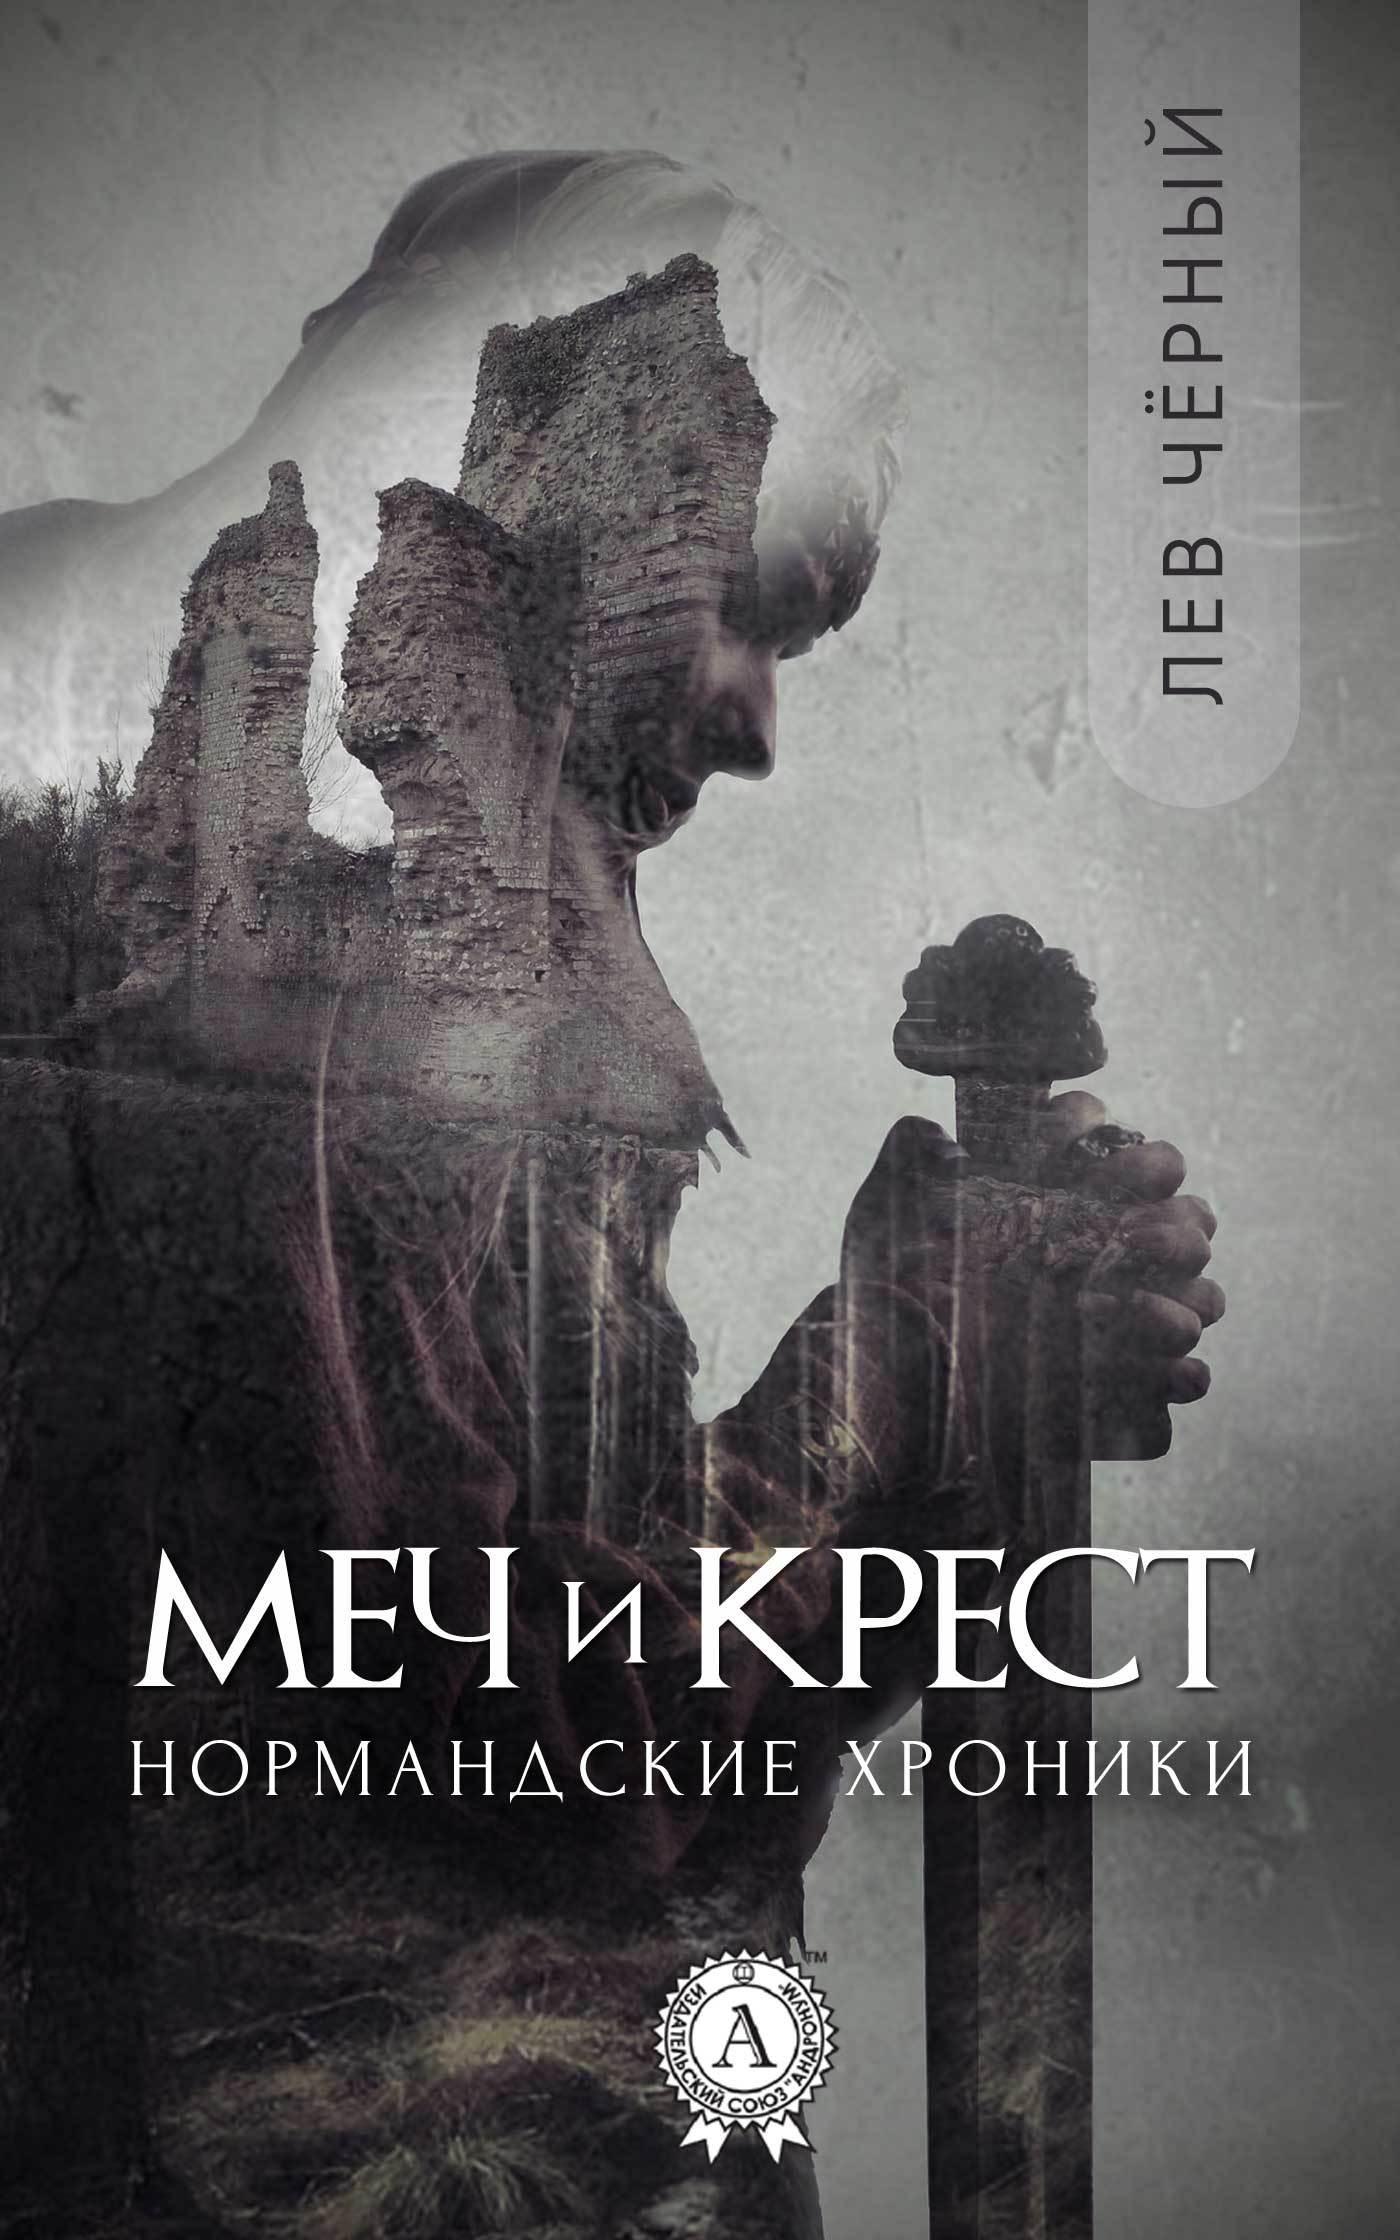 Чёрный Лев - Меч и Крест